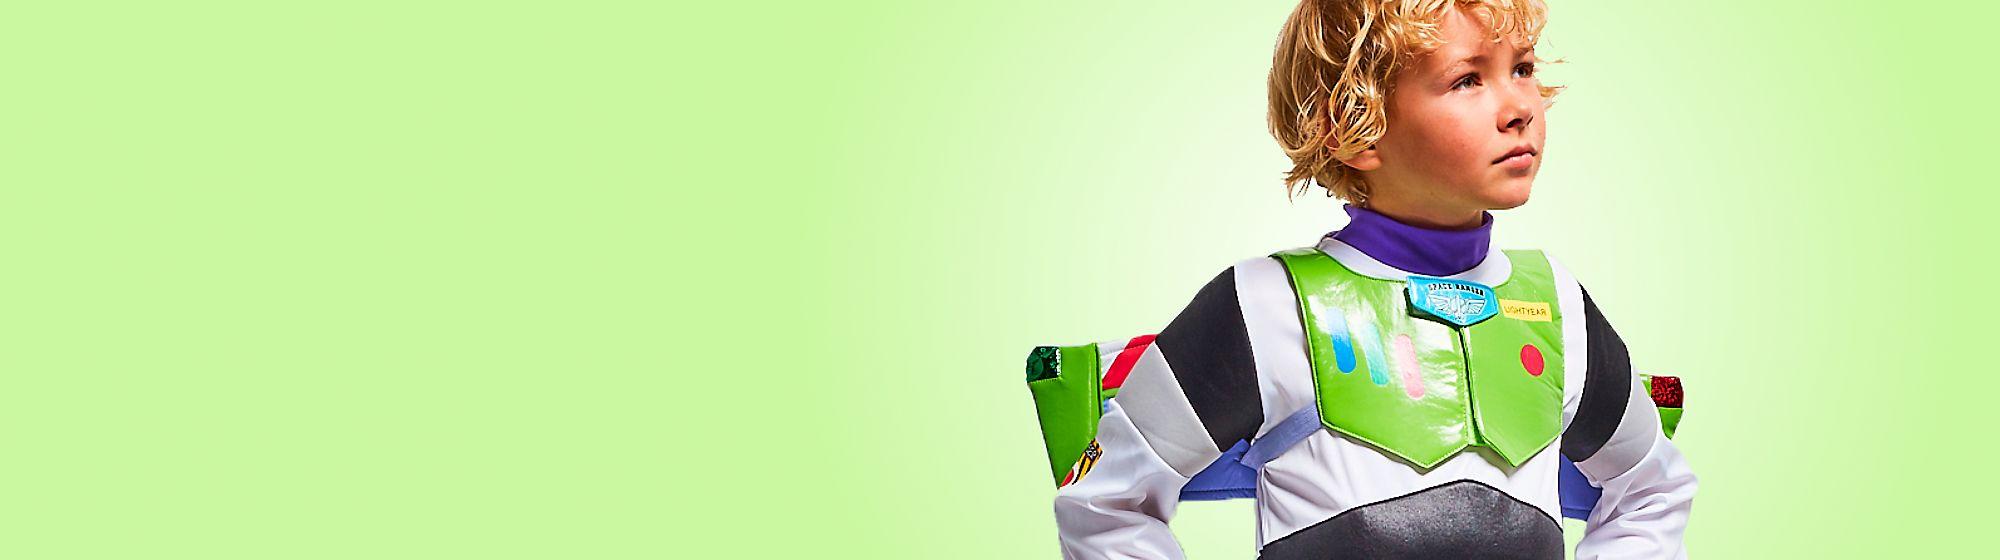 Costumi Carnevale bambini Tanti speciali vestiti dai dettagli unici dedicati ai personaggi Disney come Minnie e Biancaneve, Stormtrooper di Star Wars, la coraggiosa Merida di Pixar e i supereroi Marvel